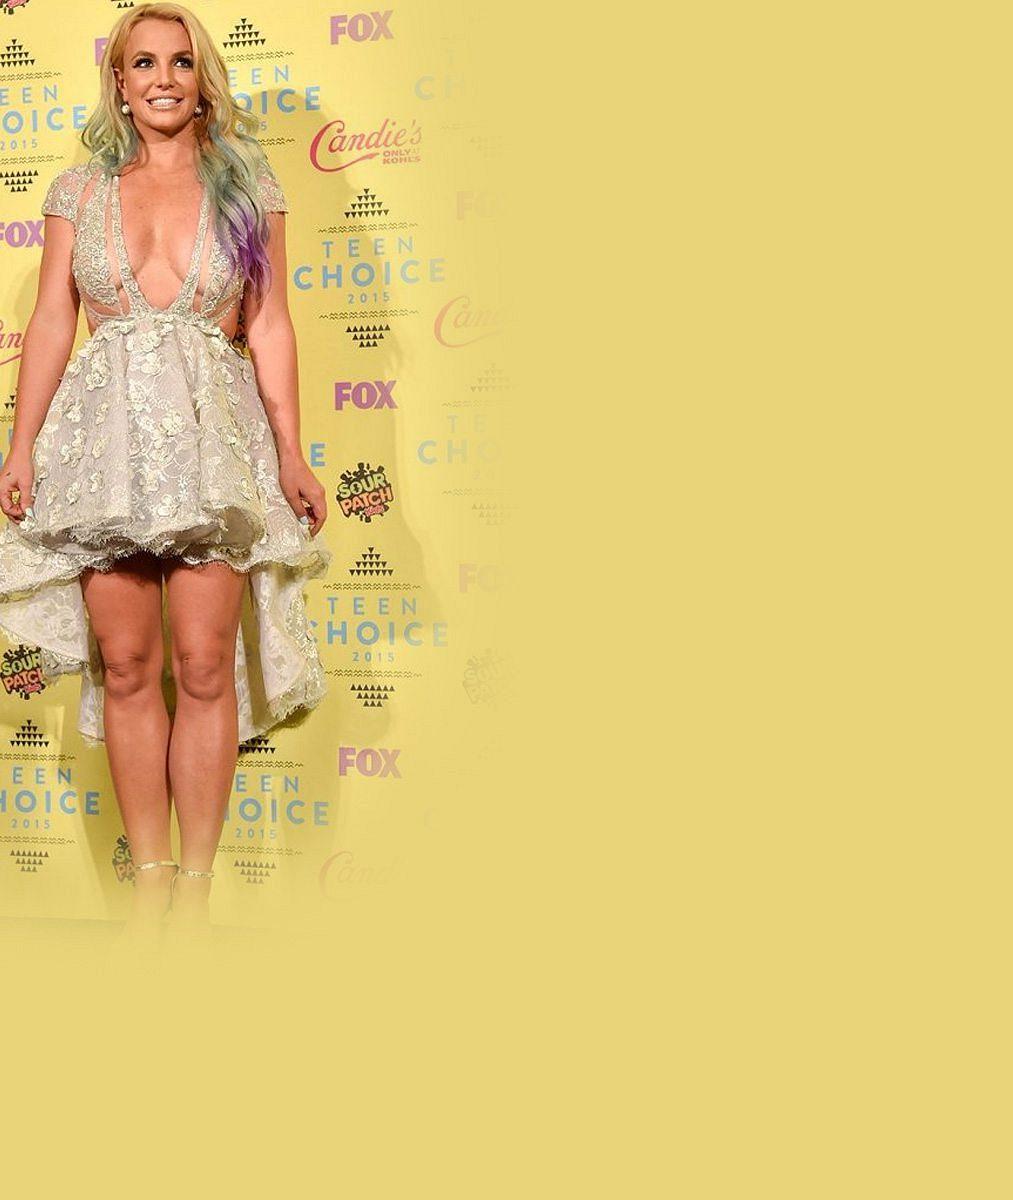 Dřina v posilovně se vyplatila: Britney Spears hrdě vystavuje křivky v kostýmech jako ze sexshopu